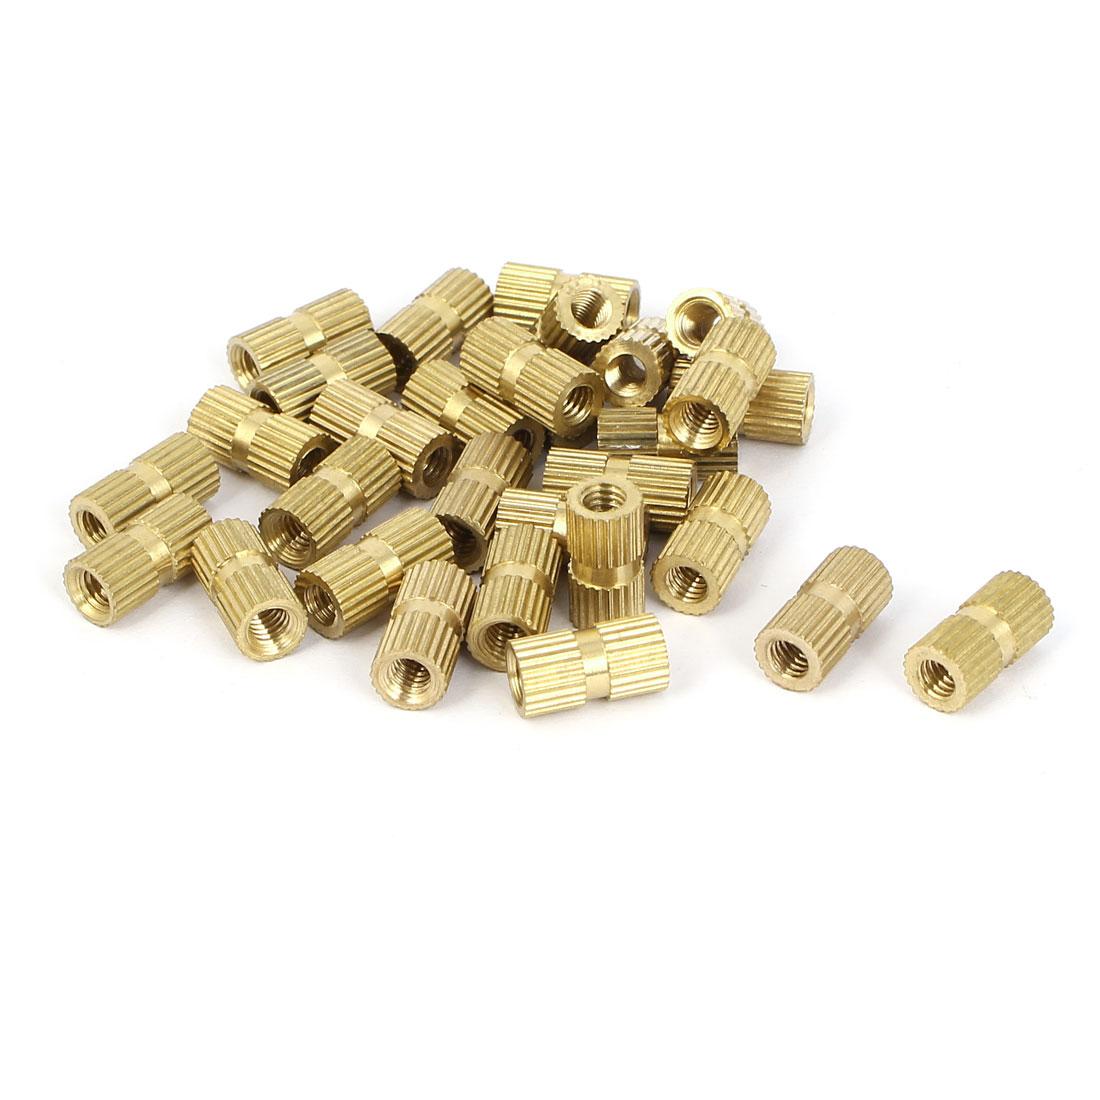 M4x12mm 6mm OD Brass Embedded Knurled Insert Thumb Nuts 30pcs